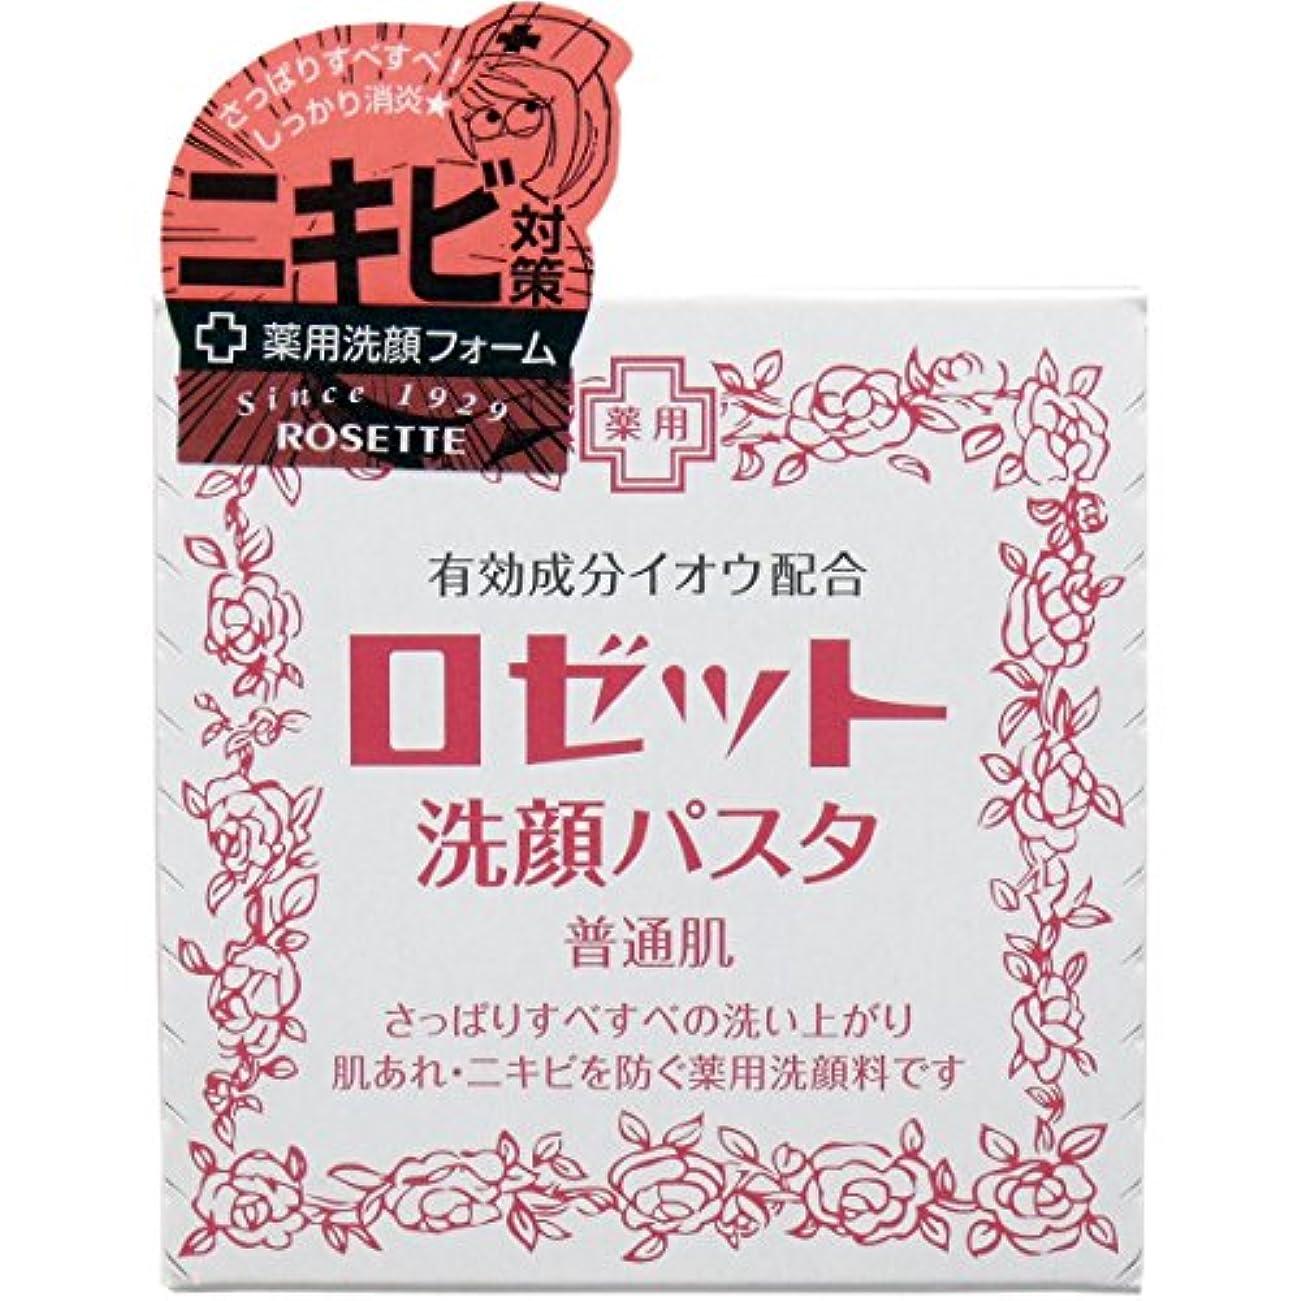 ロゼット洗顔パスタ 赤 普通肌 90G × 3個セット